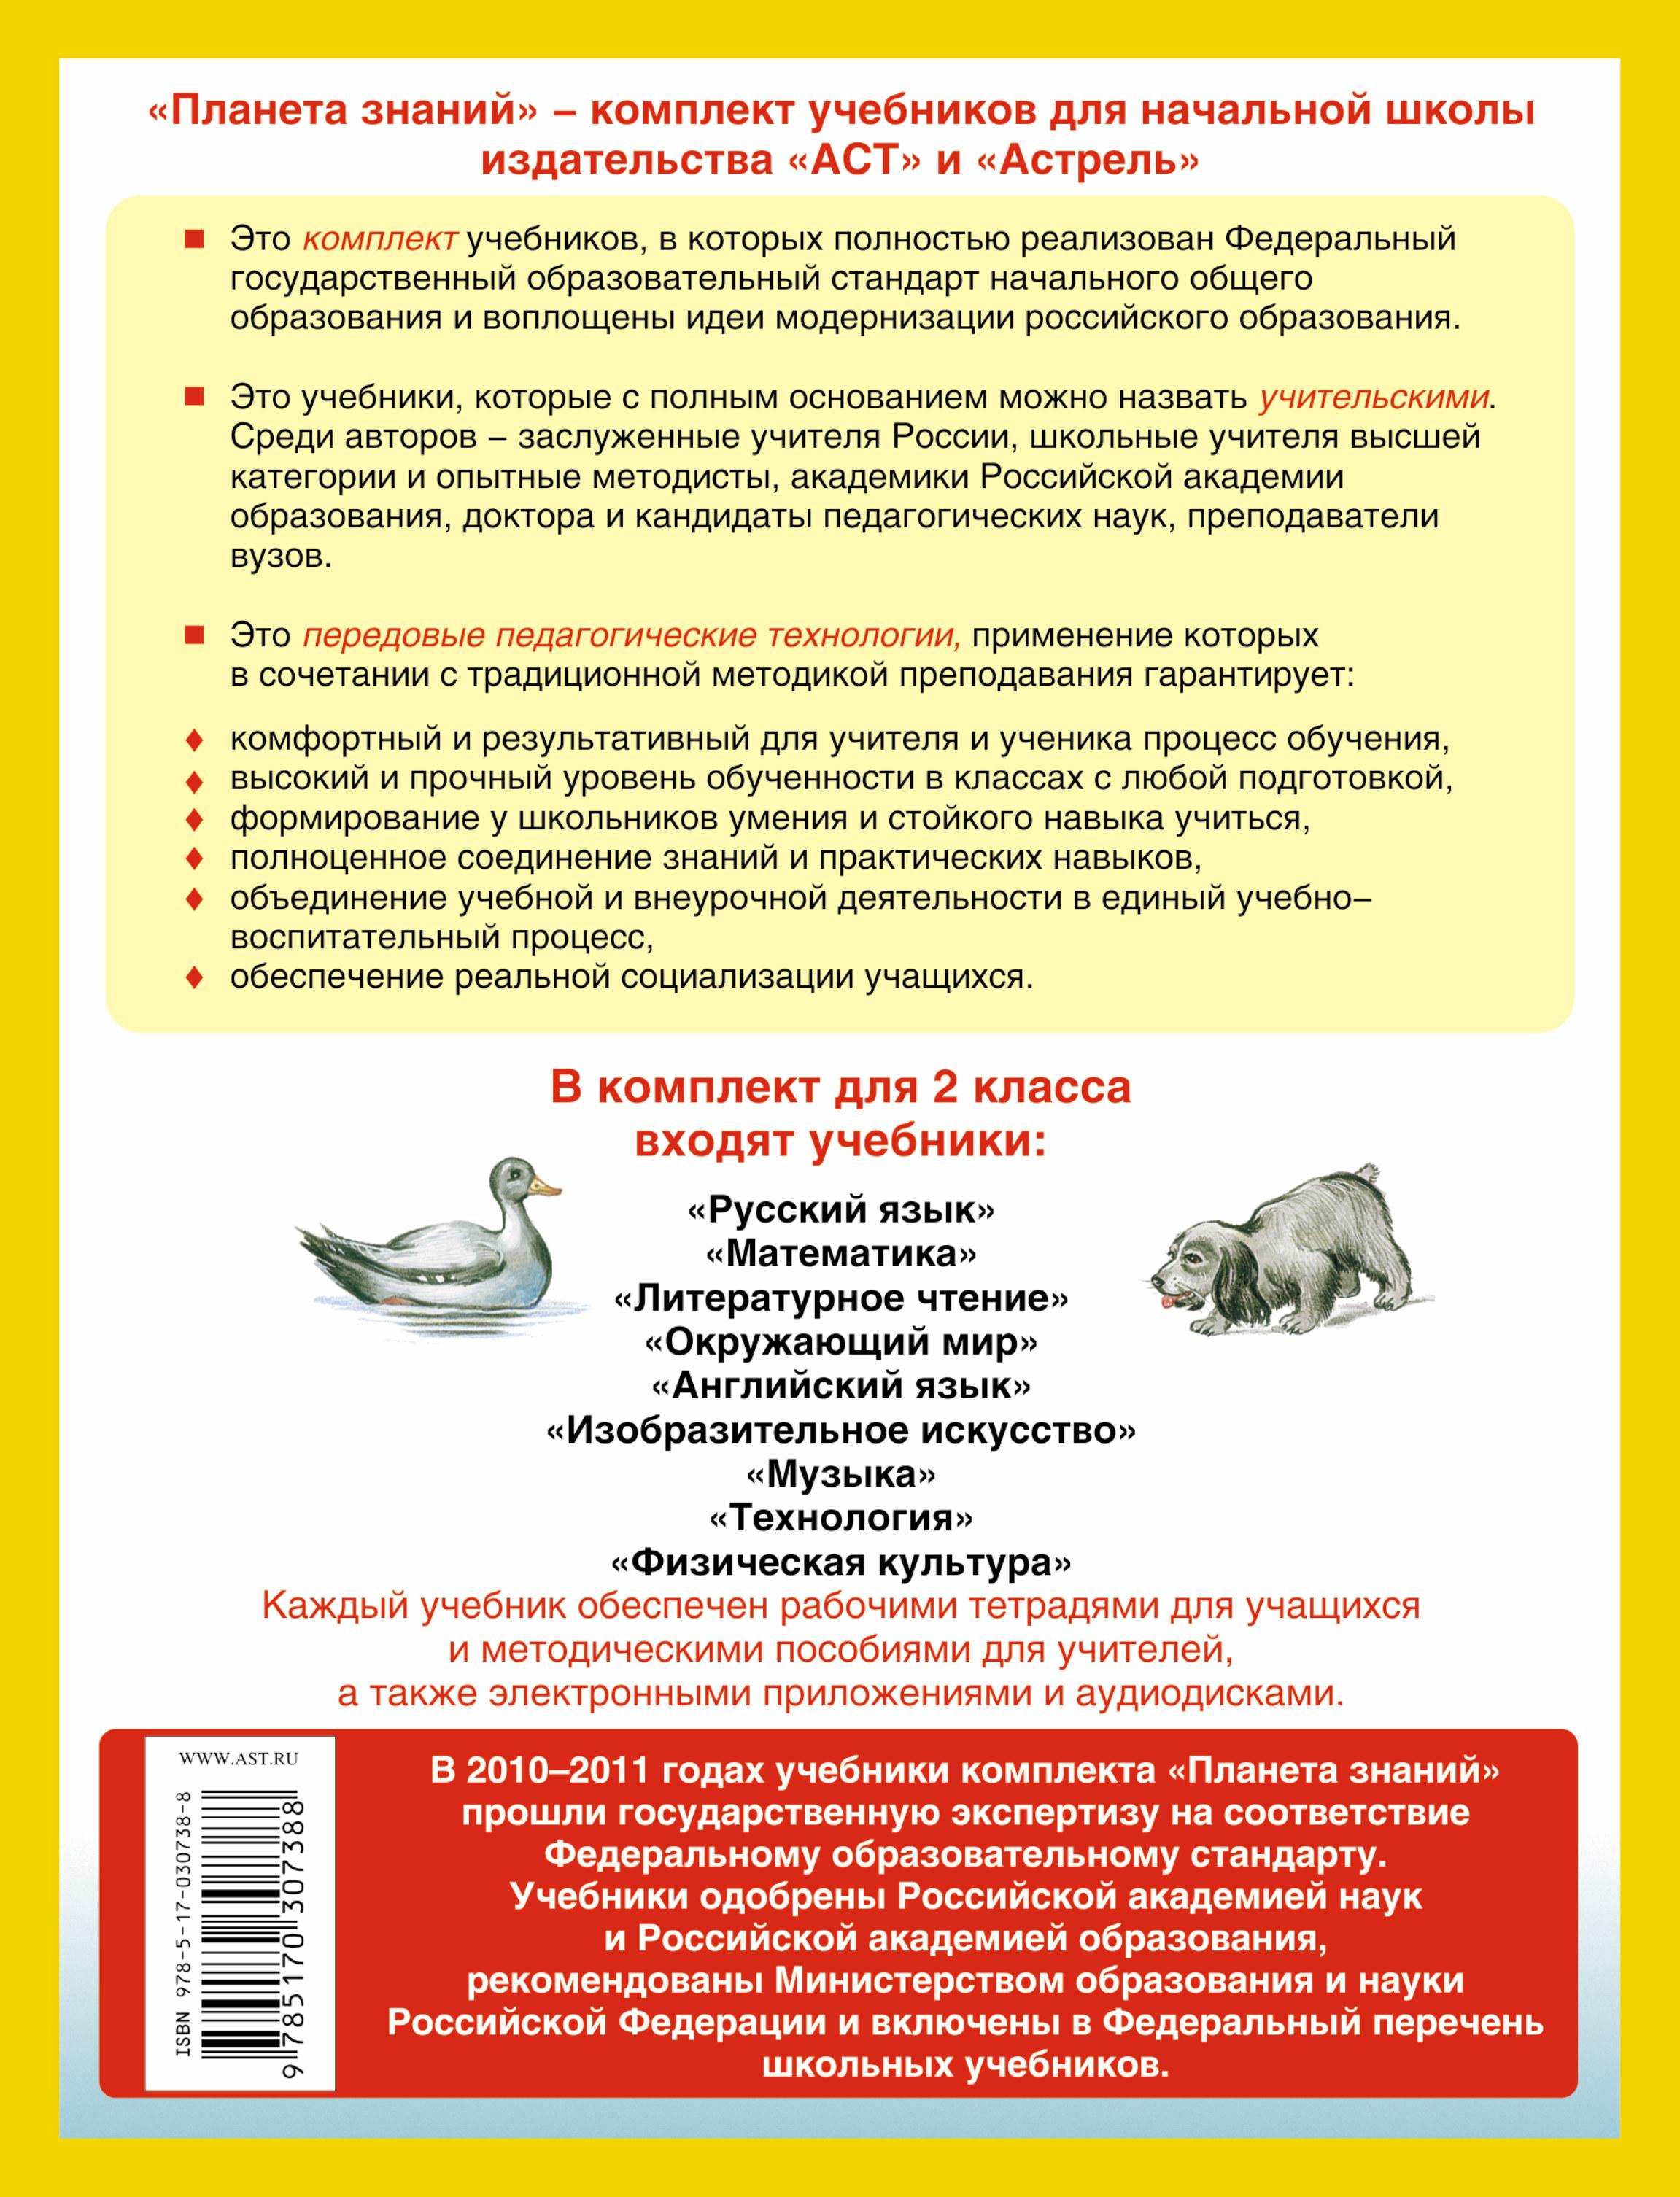 Окружающий мир. 2 класс. Рабочая тетрадь №2 к учебнику Г. Г. Ивченковой, И. В. Потапова. Часть 2